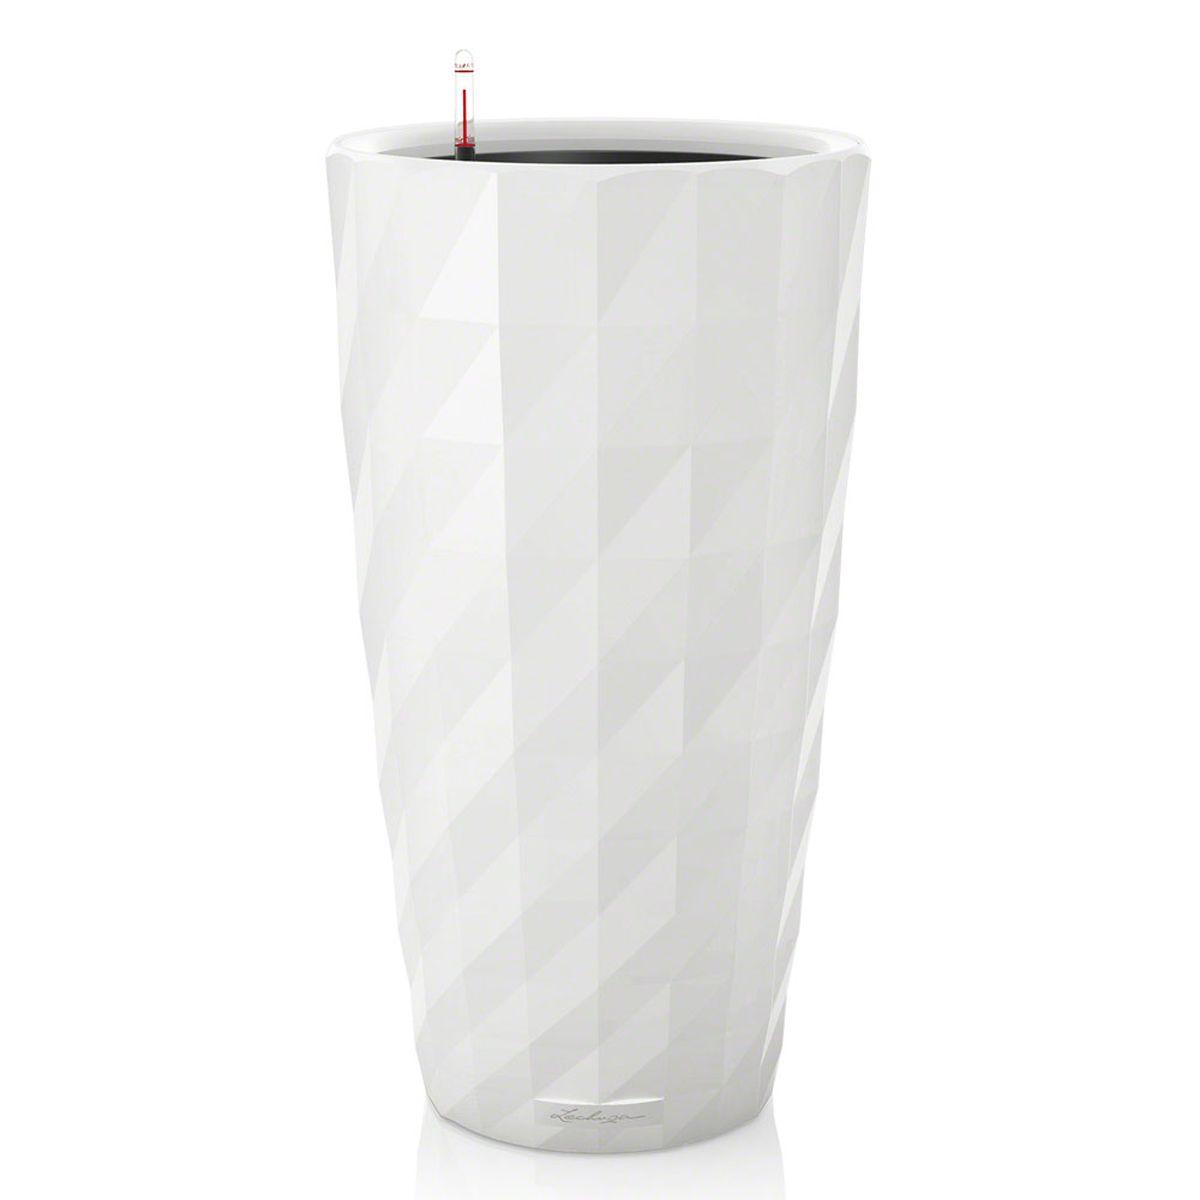 Кашпо Lechuza Diamante, с системой автополива, цвет: белый, диаметр 40 смZ-0307Кашпо Lechuza Diamante, изготовленное из высококачественного пластика, идеальное решение для тех, кто регулярно забывает поливать комнатные растения. Стильный дизайн позволит украсить растениями офис, кафе или любое другое помещение. Кашпо Lechuza Diamante с системой автополива упростит уход за вашими цветами и поможет растениям получать то количество влаги, которое им необходимо в данный момент времени.В набор входит: кашпо, внутренний горшок, индикатор уровня воды, субстрат растений в качестве дренажного слоя, резервуар для воды.Внутренний горшок, оснащенный выдвижной ручкой, обеспечивает:- легкую переноску даже высоких растений;- легкую смену растений;- можно также просто убрать растения на зиму;- винт в днище позволяет стечь излишней дождевой воде наружу.Кашпо Lechuza Diamante украсит любой интерьер, а также станет замечательным подарком для ваших родных и близких.